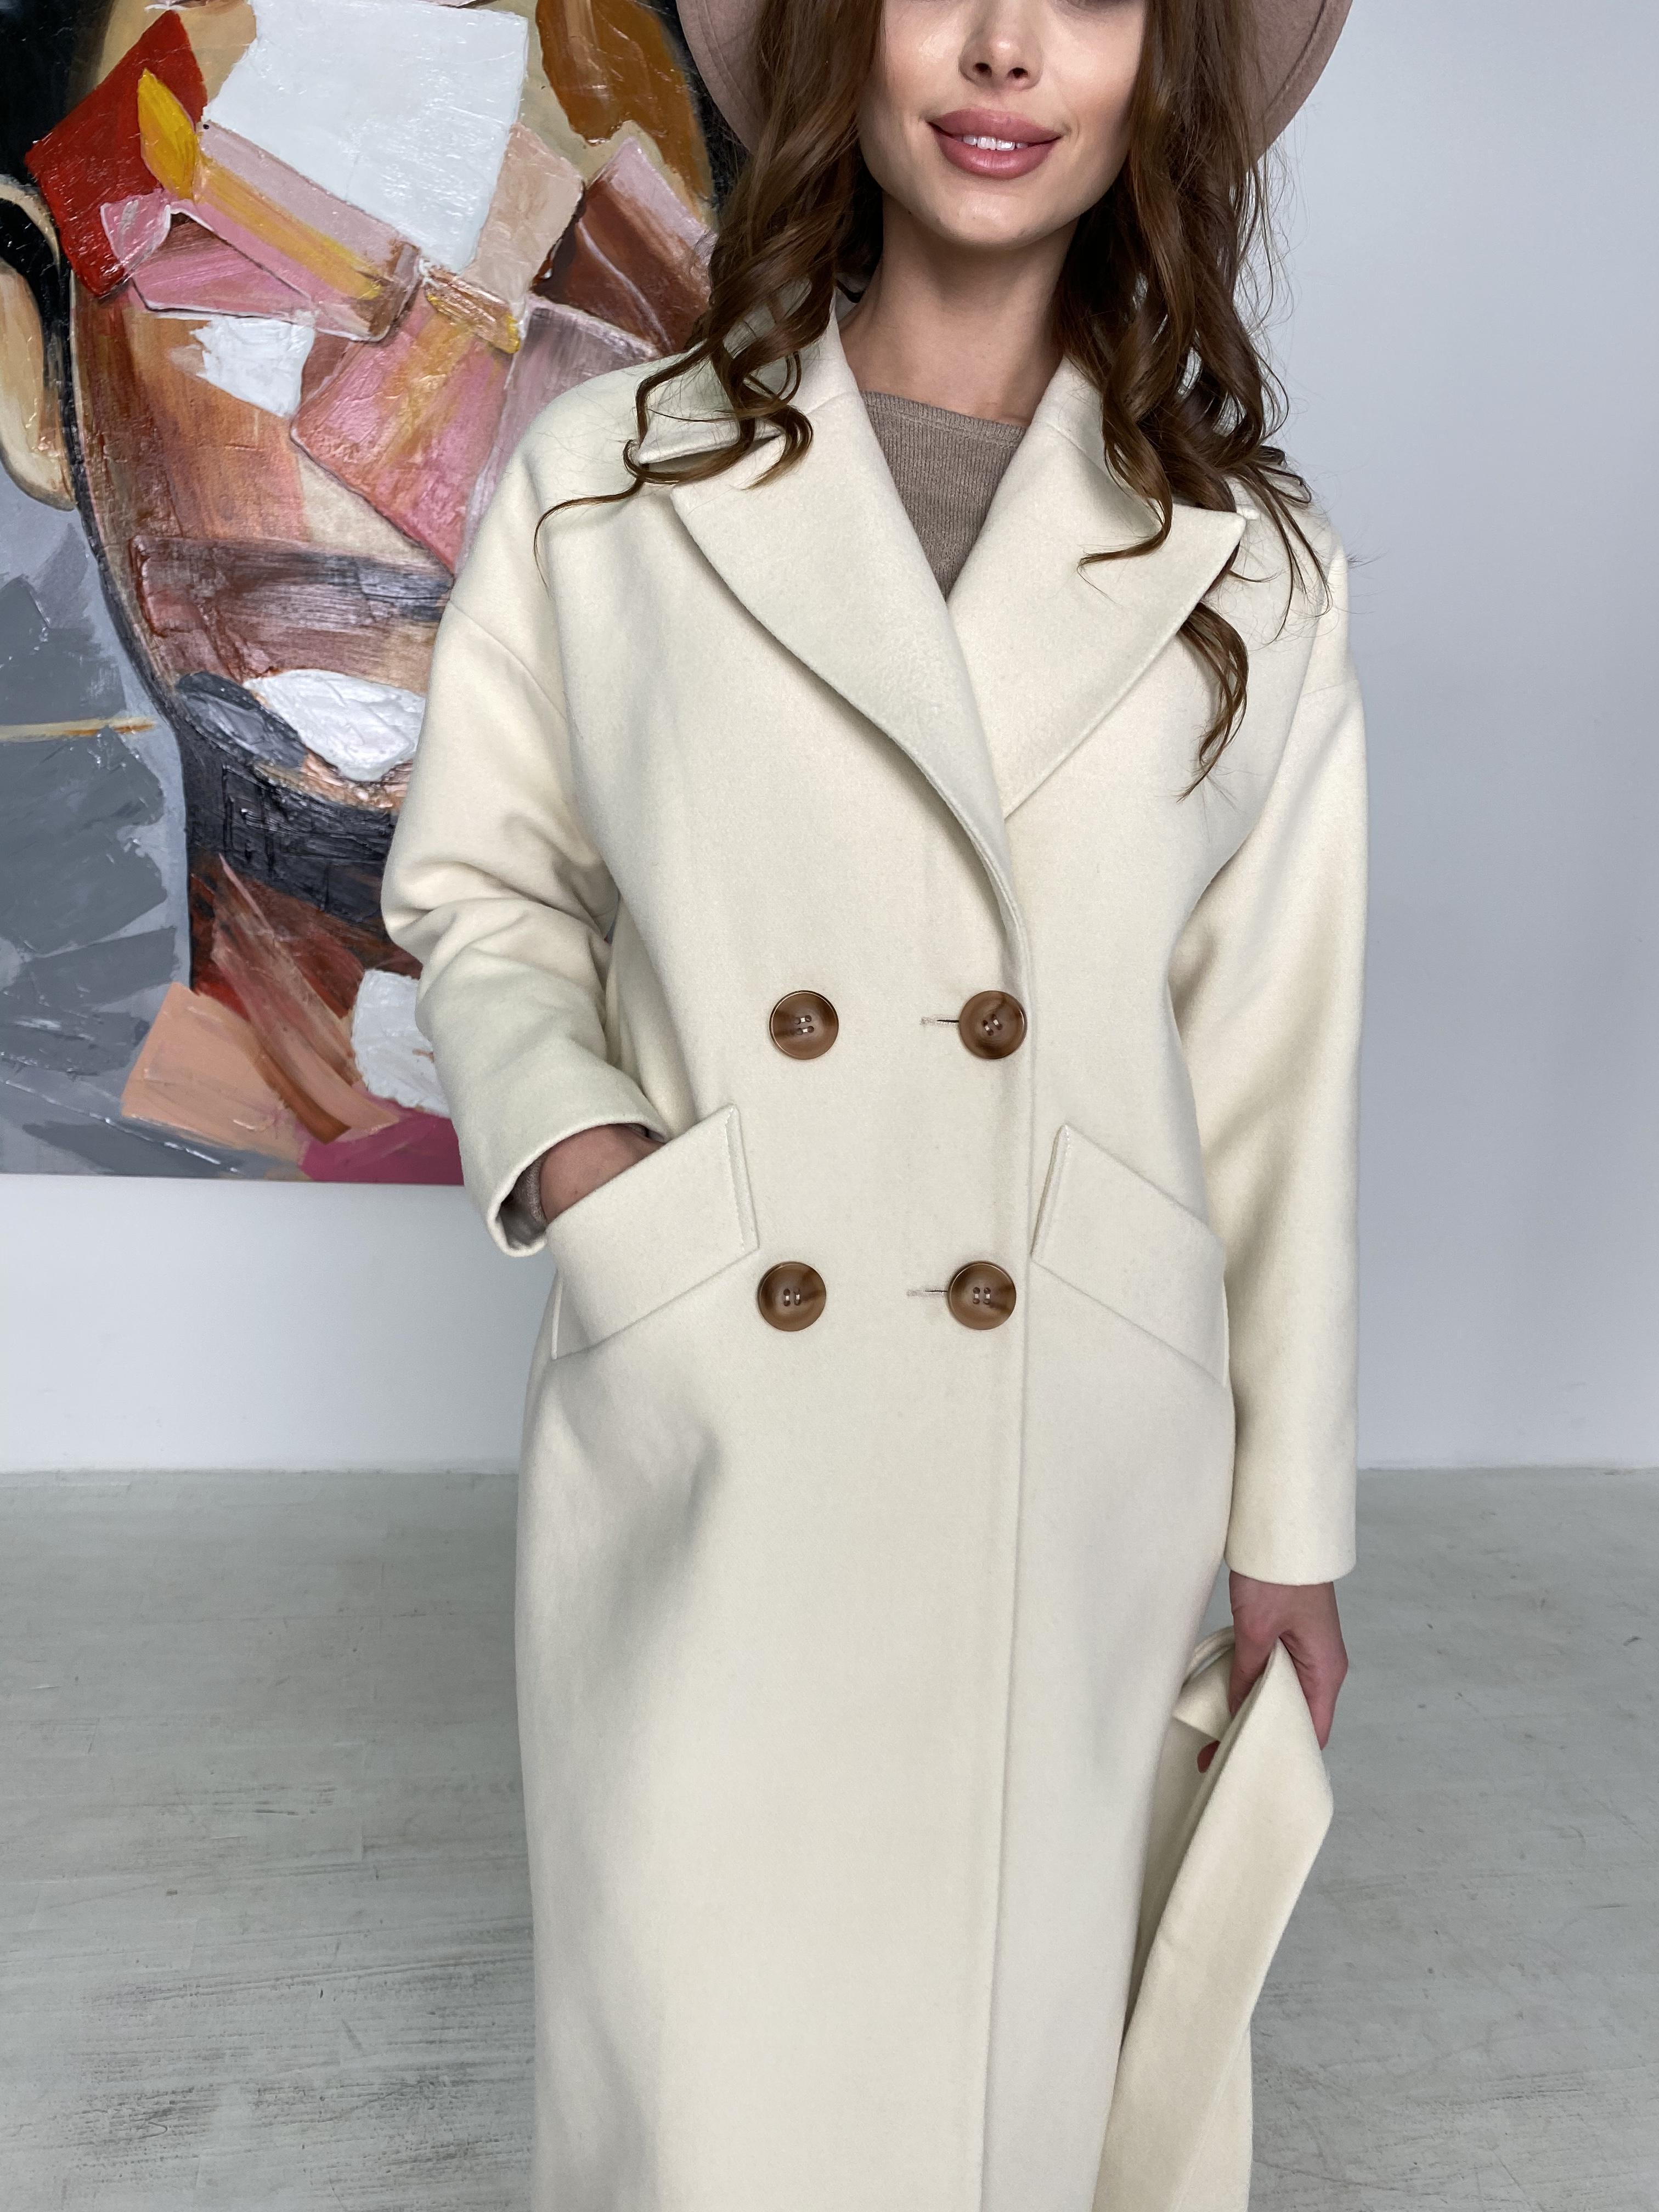 Сенсей пальто макси из кашемира   10309 АРТ. 46615 Цвет: молоко - фото 8, интернет магазин tm-modus.ru